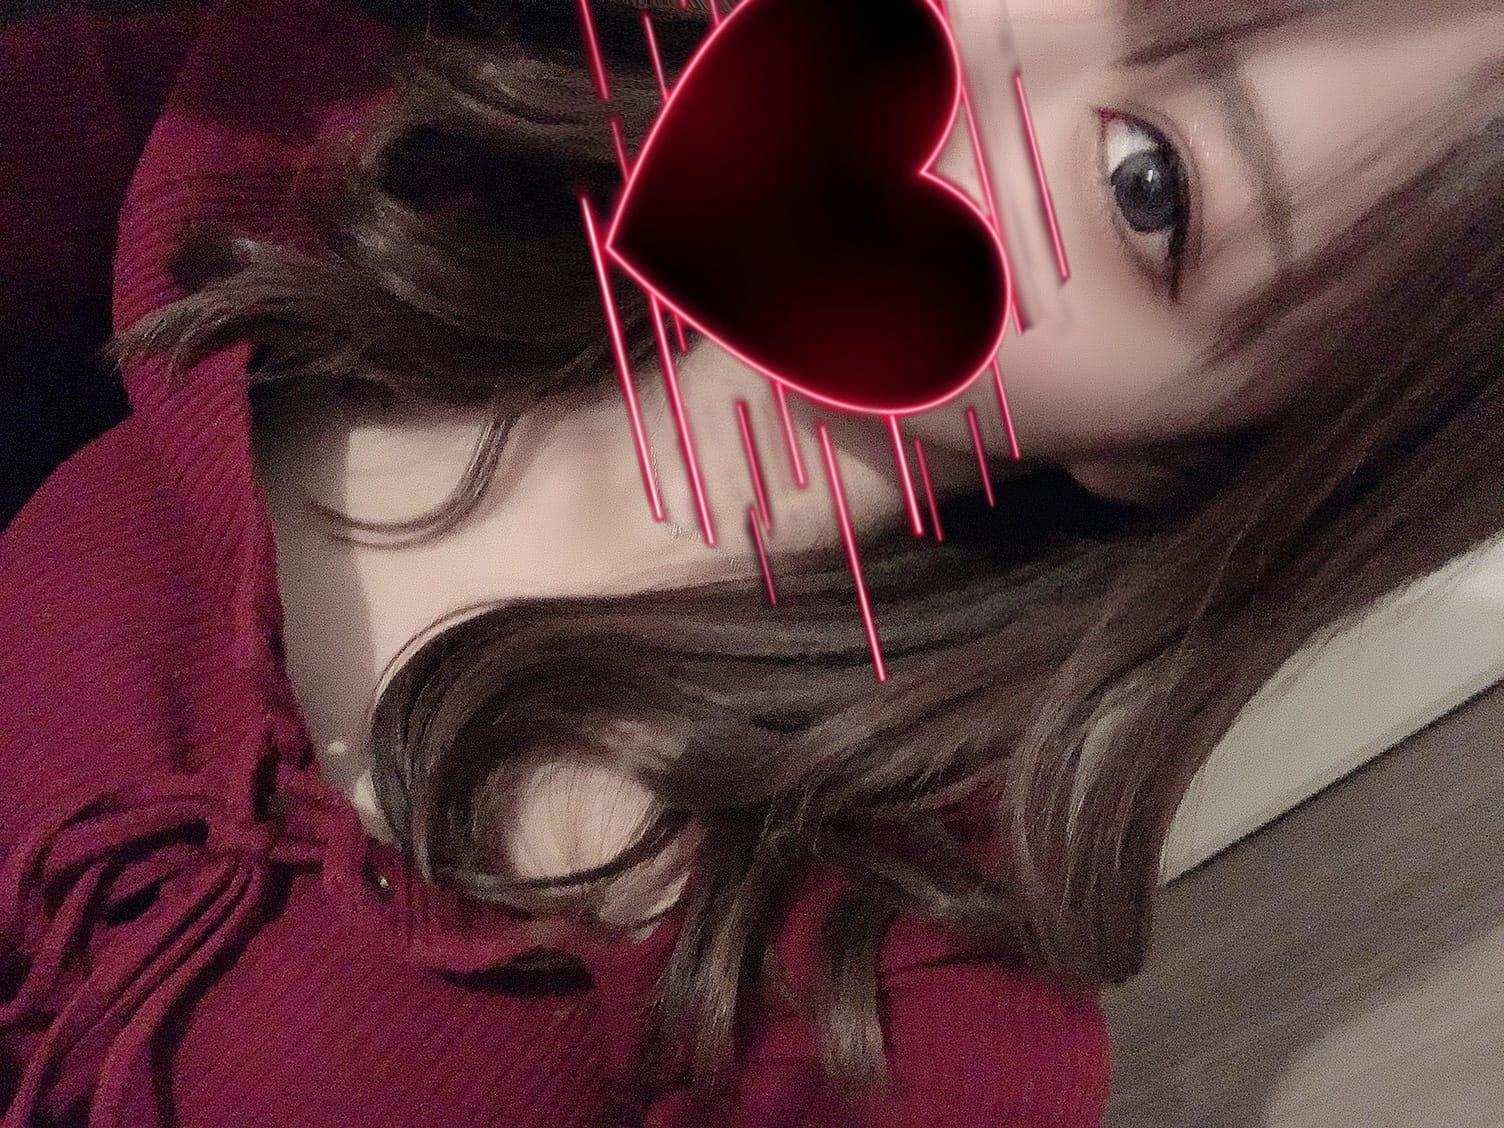 「はろー꒡̈⃝⌄̈⃝」02/20(02/20) 14:59 | 姫宮【ひめみや】の写メ・風俗動画